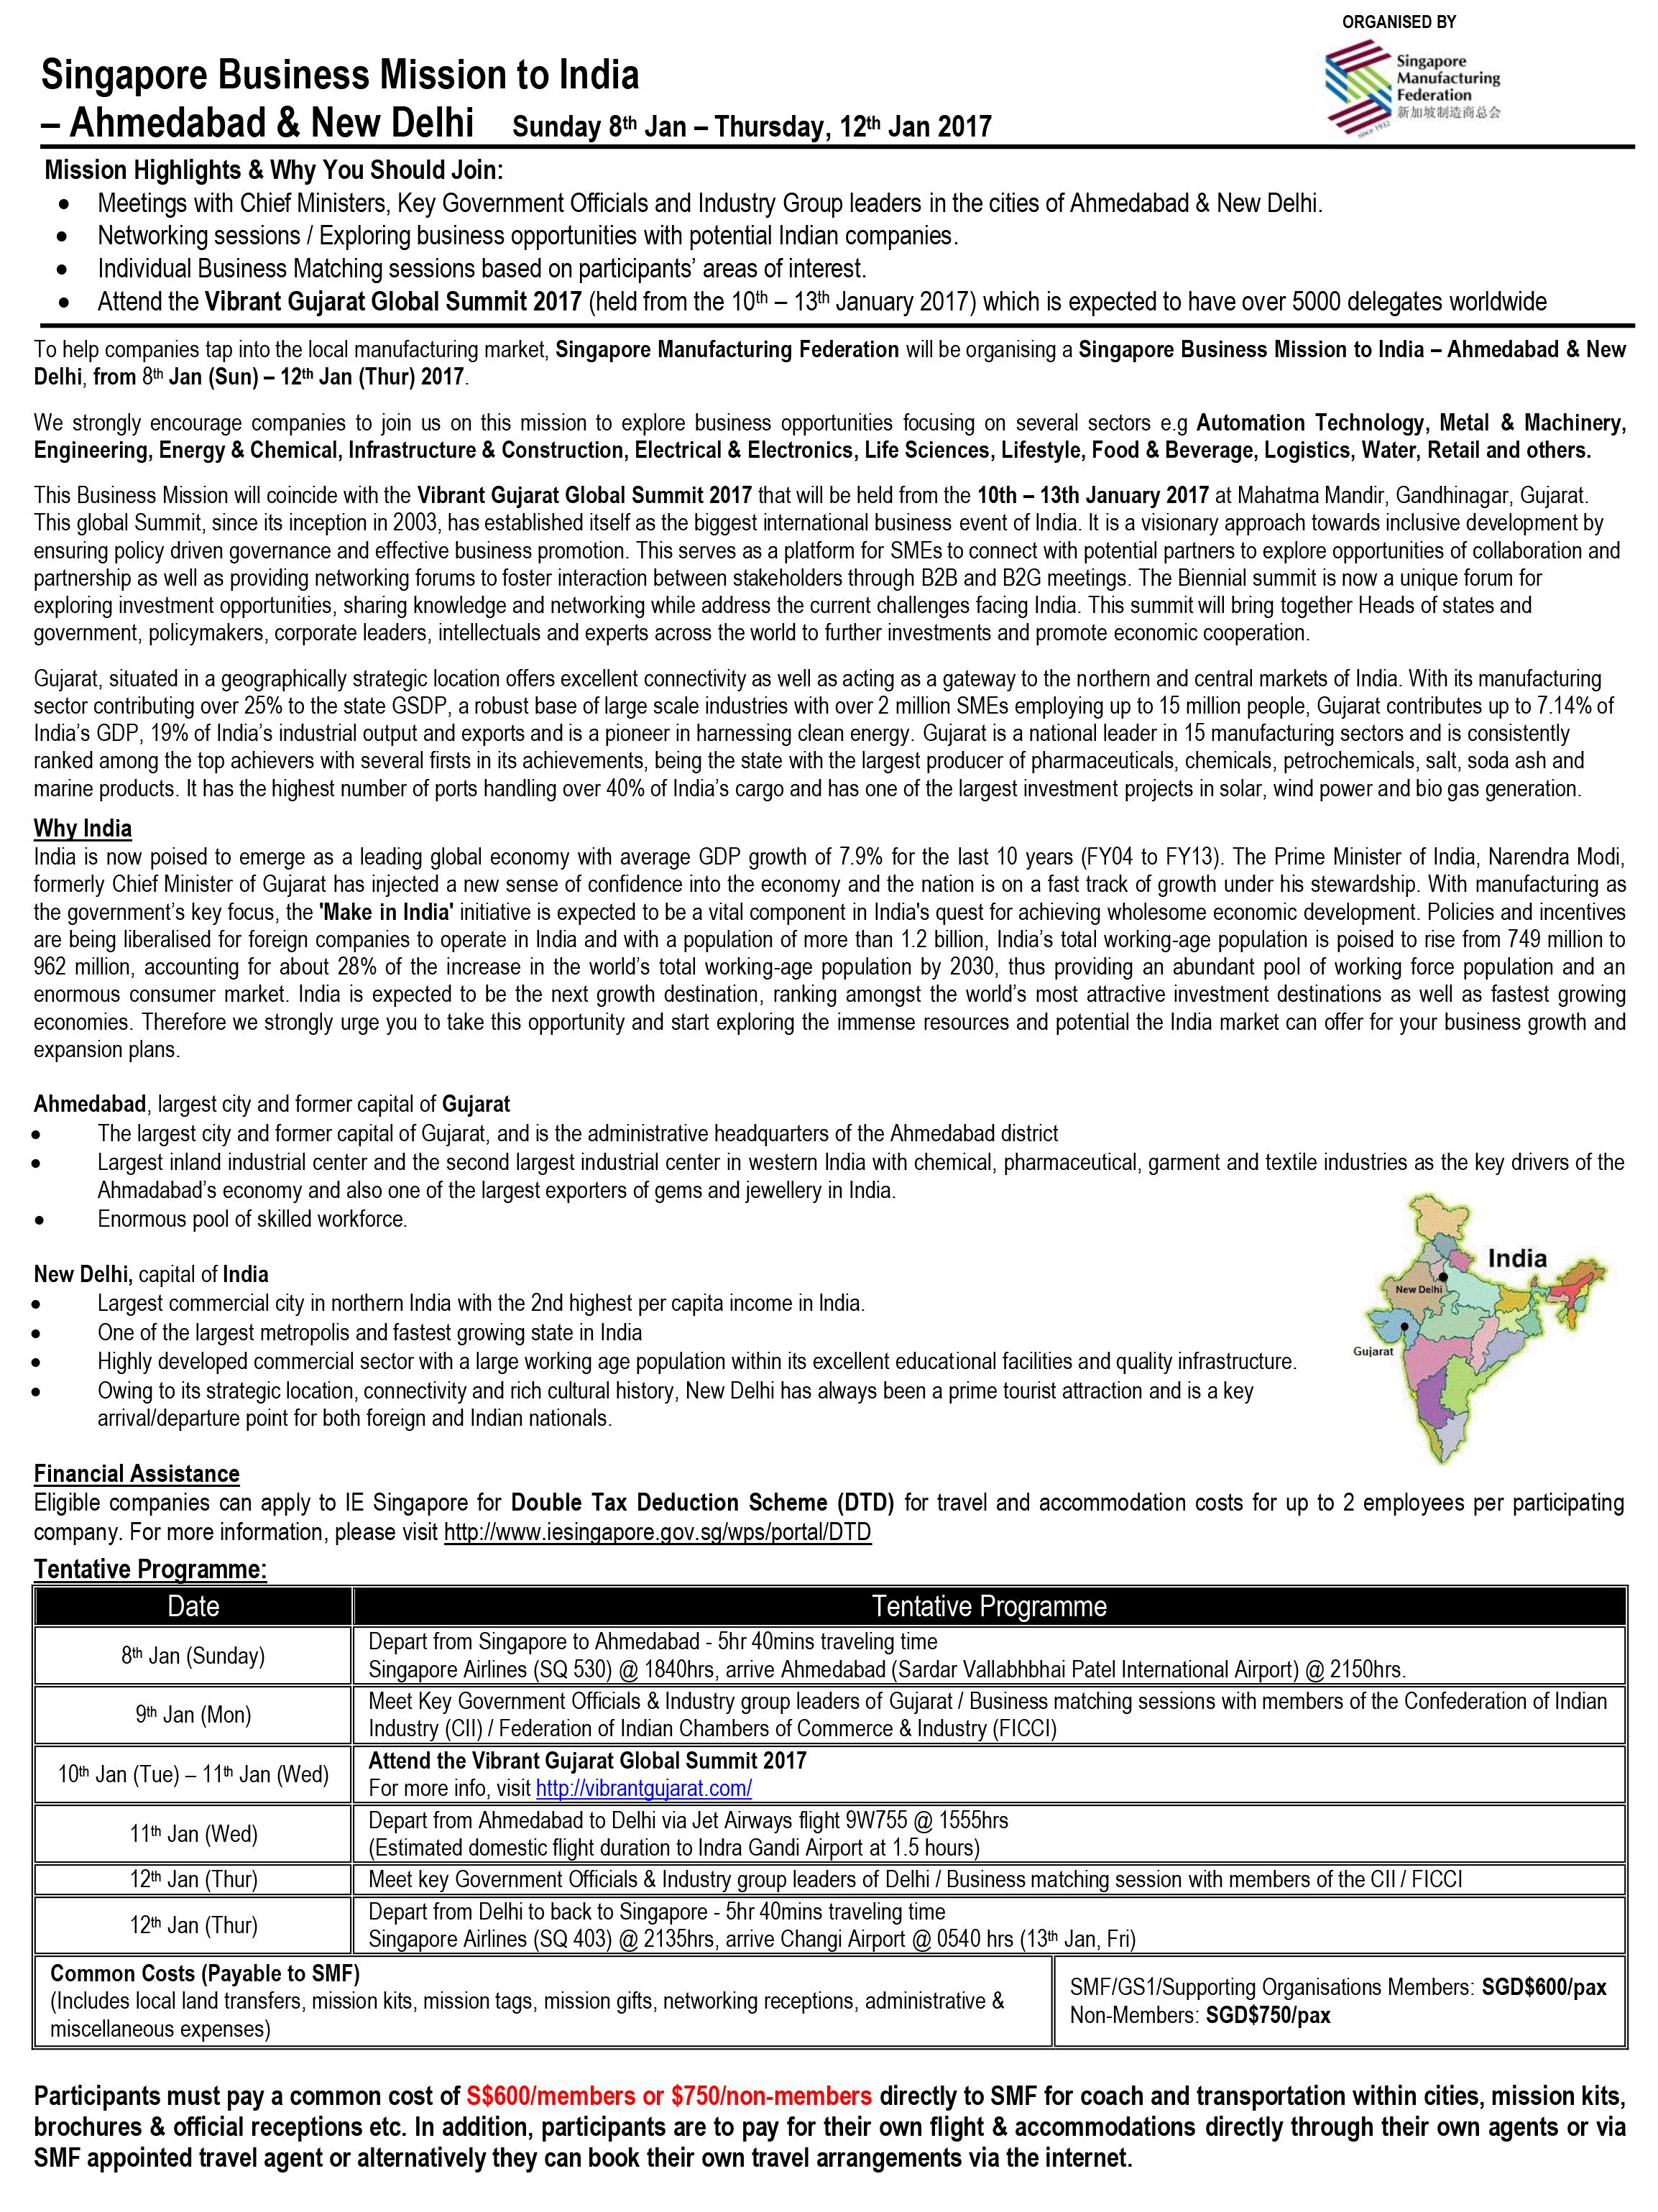 인도기업탐방: Singapore Business Mission to India